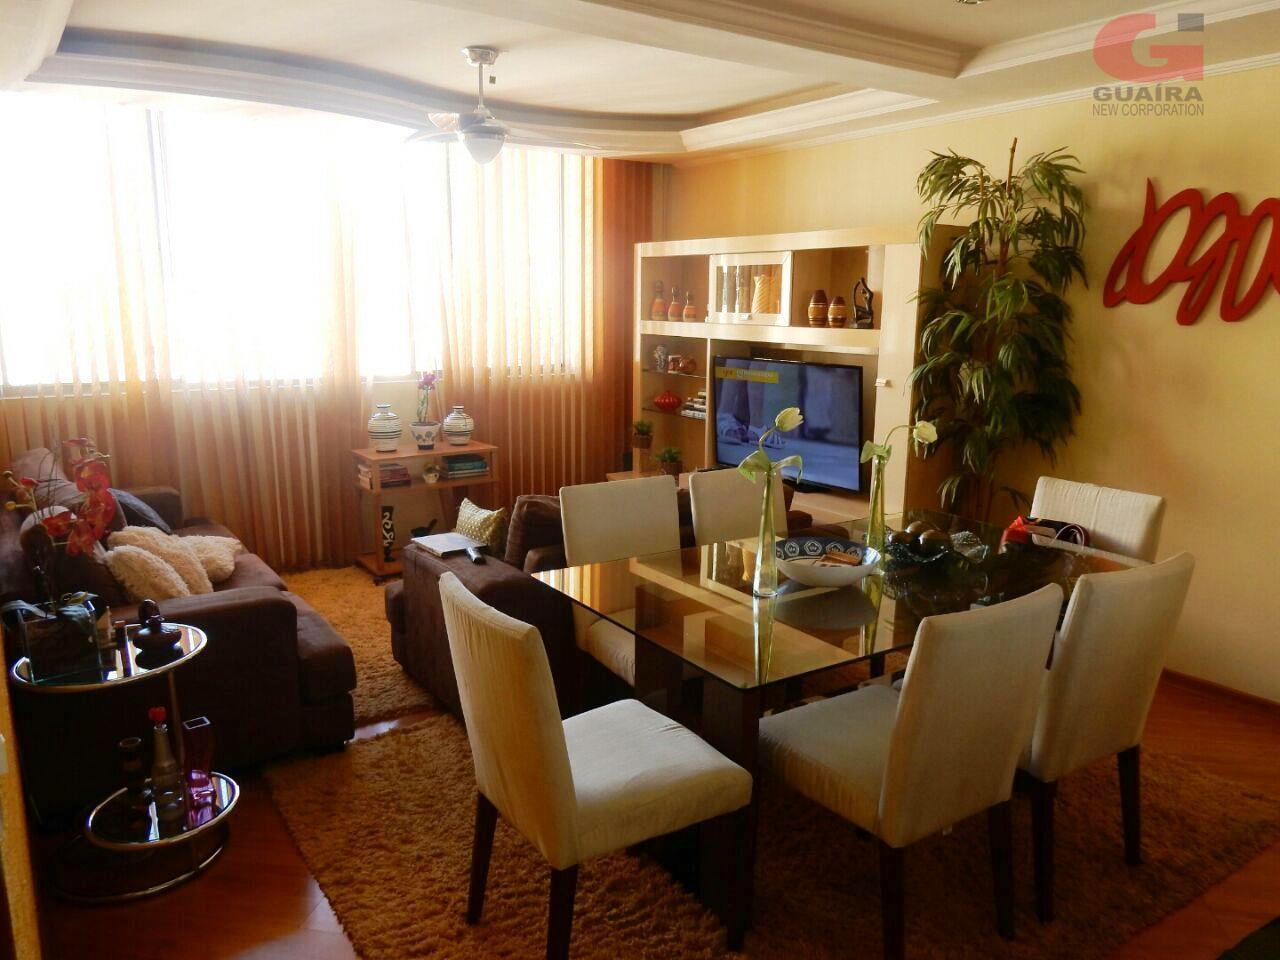 Apartamento residencial à venda, Parque Terra Nova, São Bernardo do Campo - AP46931.